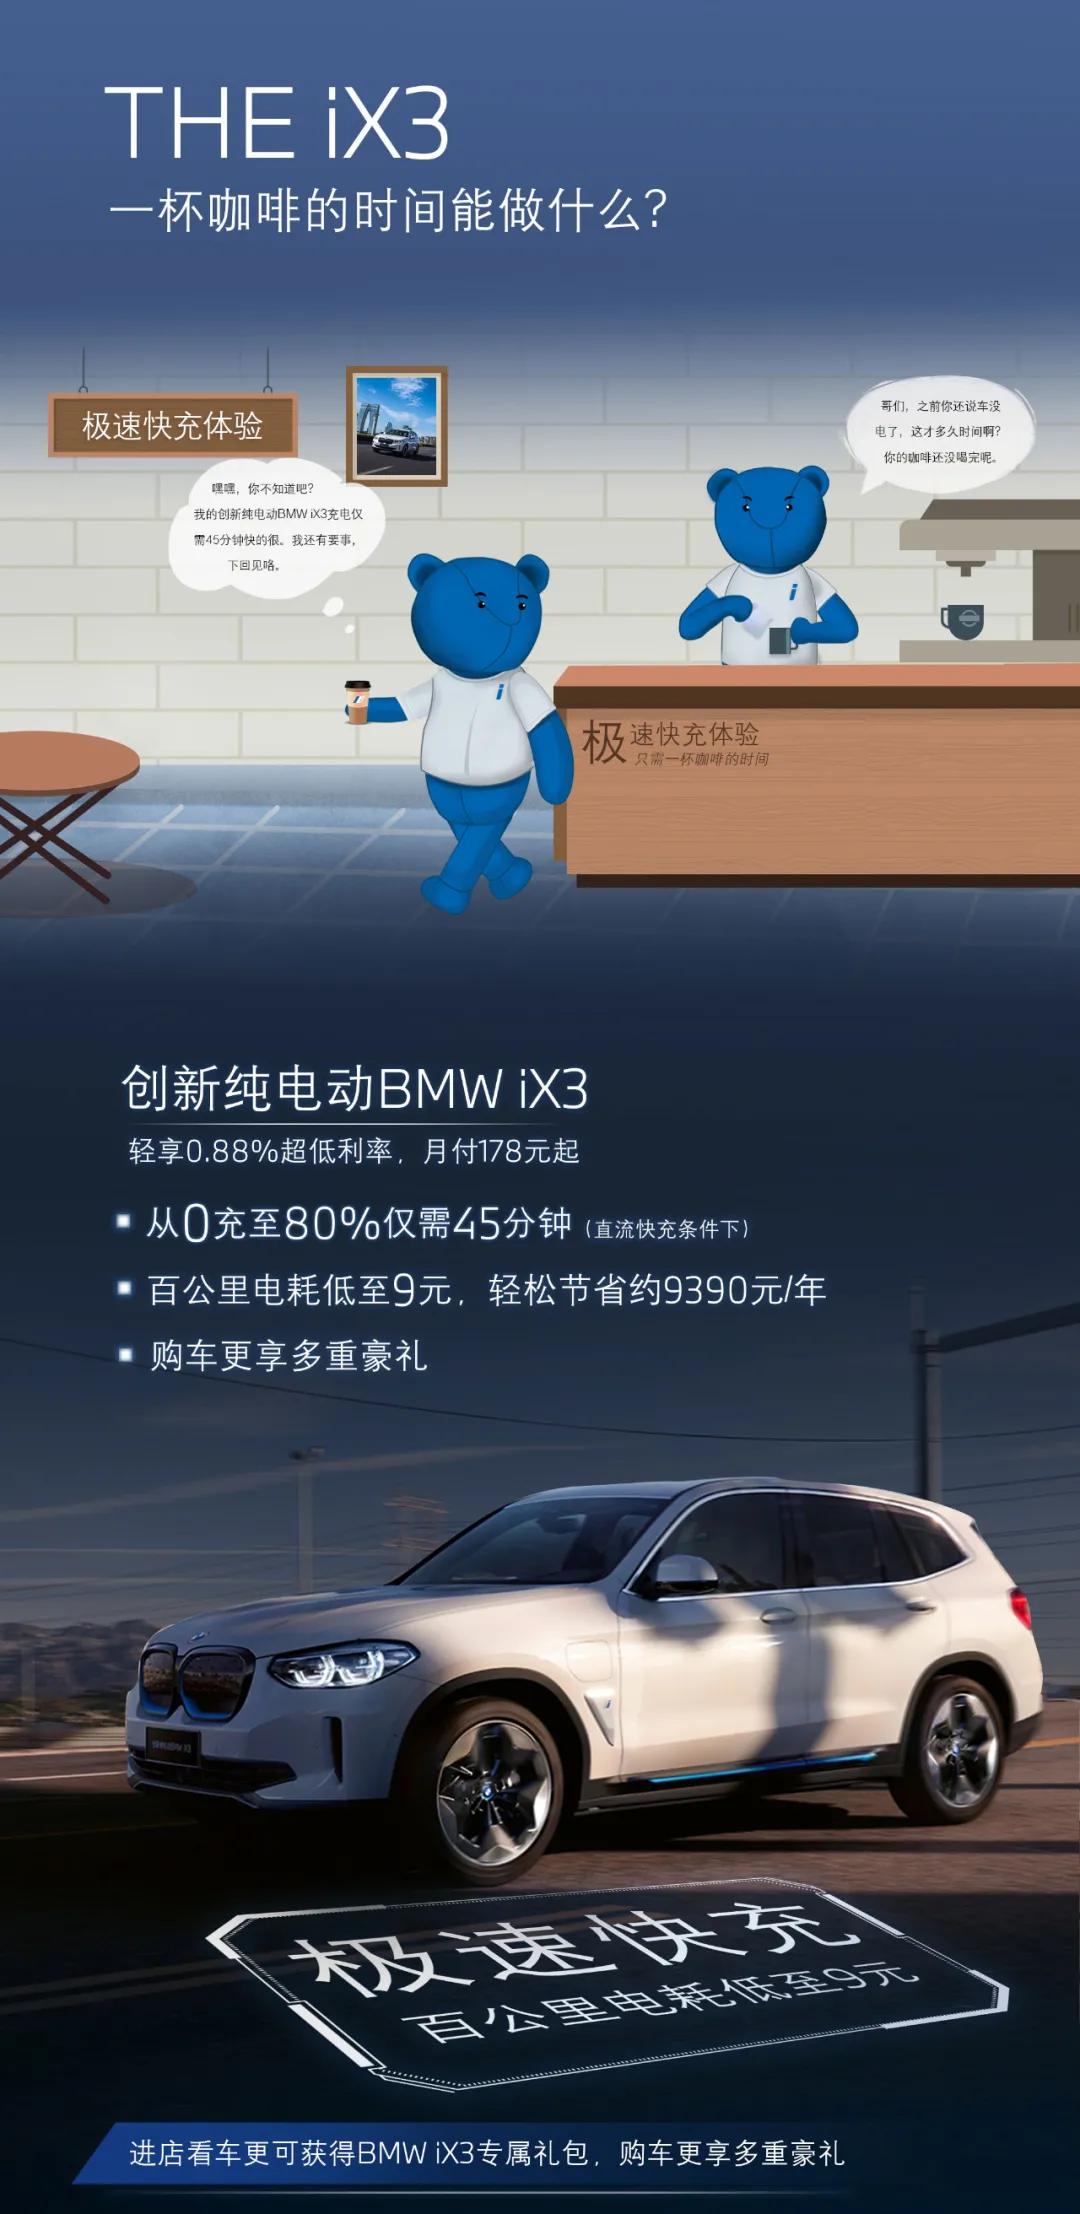 自驾游招募 与iX3 的24小时